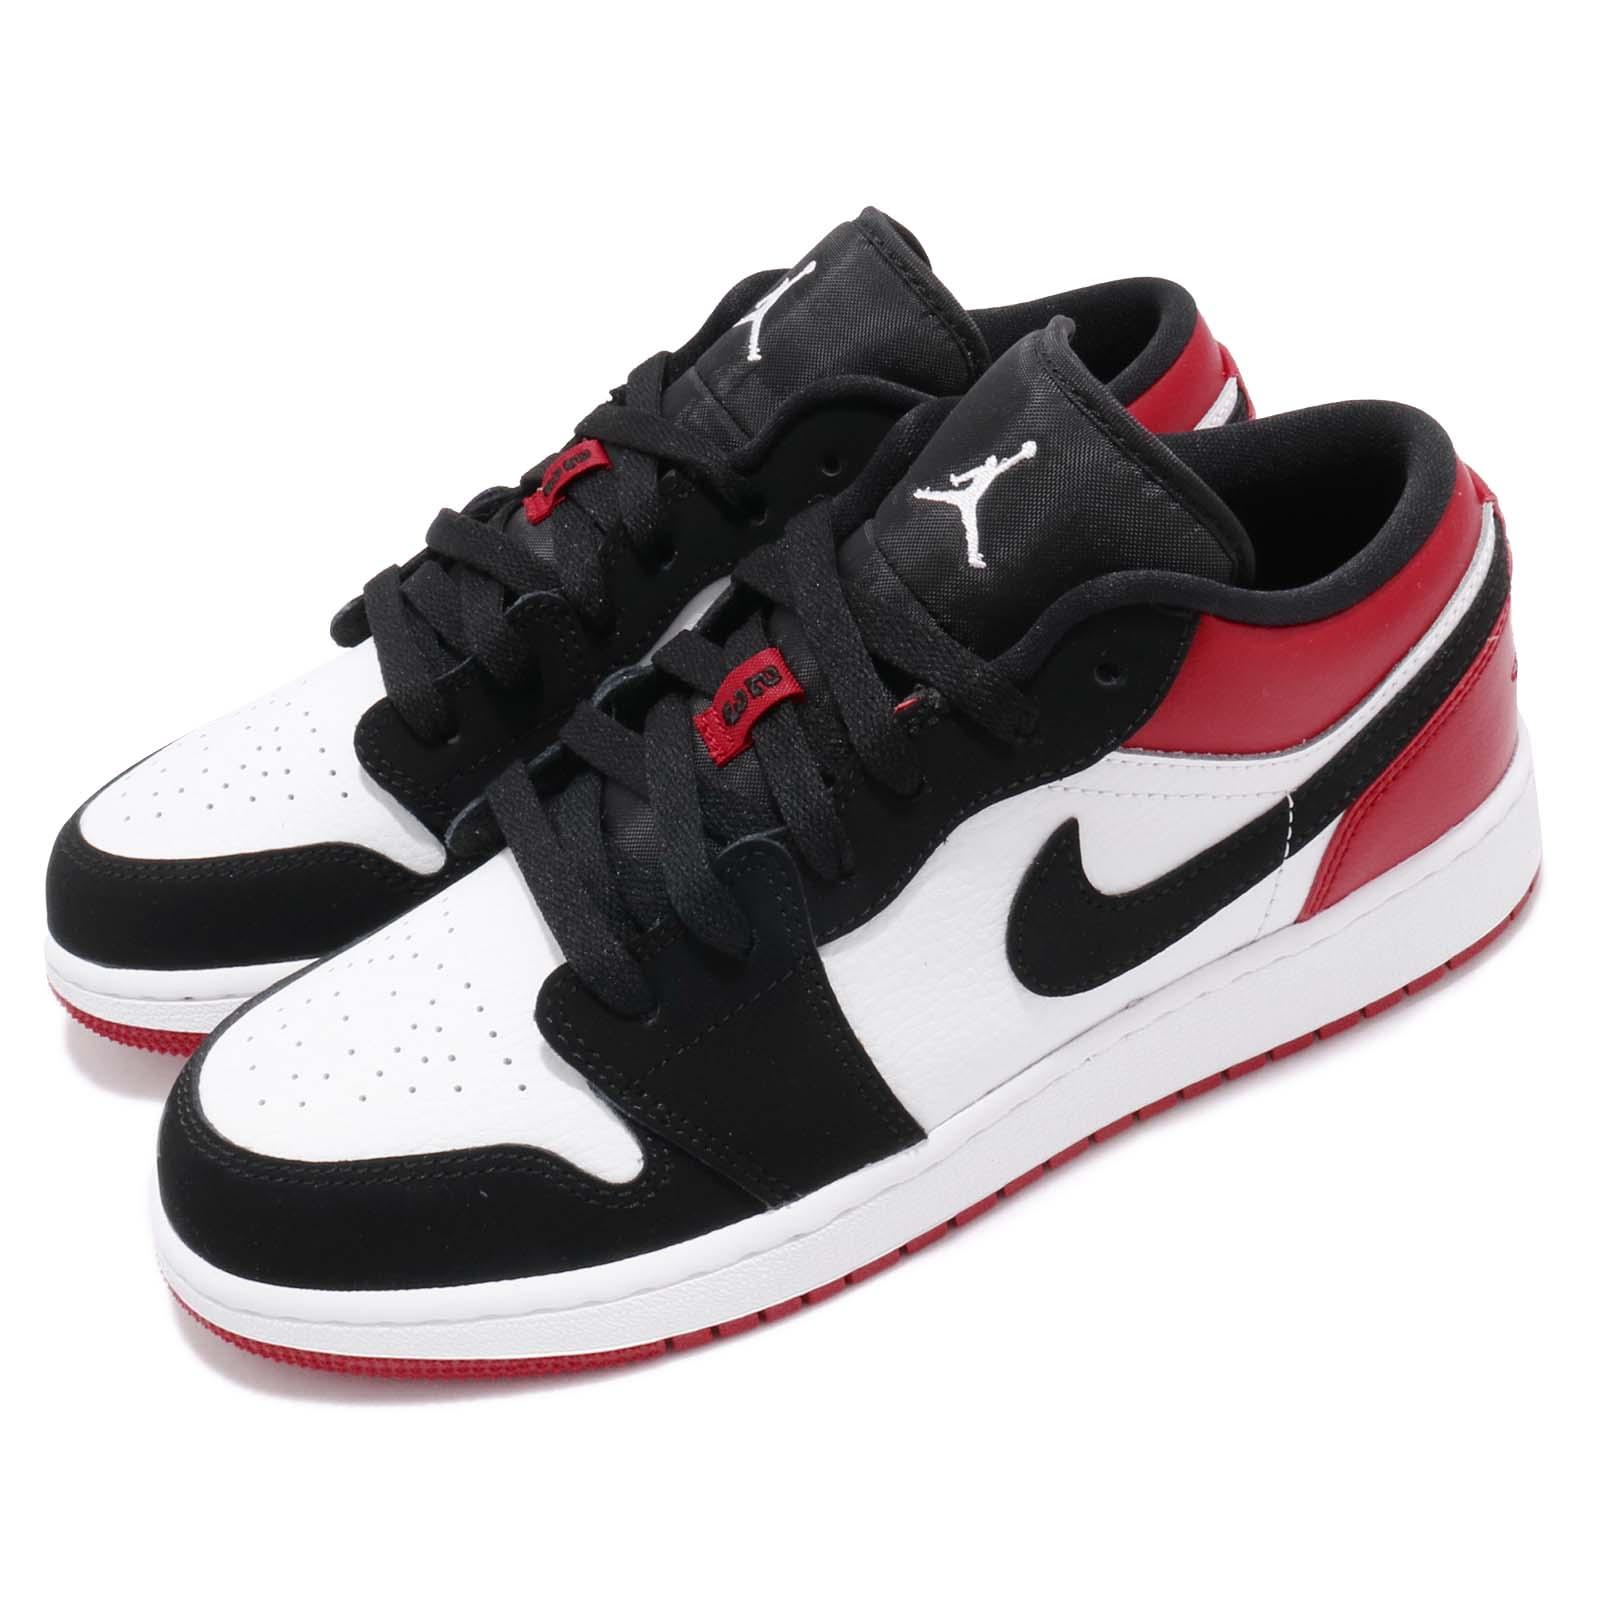 Nike 籃球鞋 Air Jordan 1 Low 女鞋 553560-116